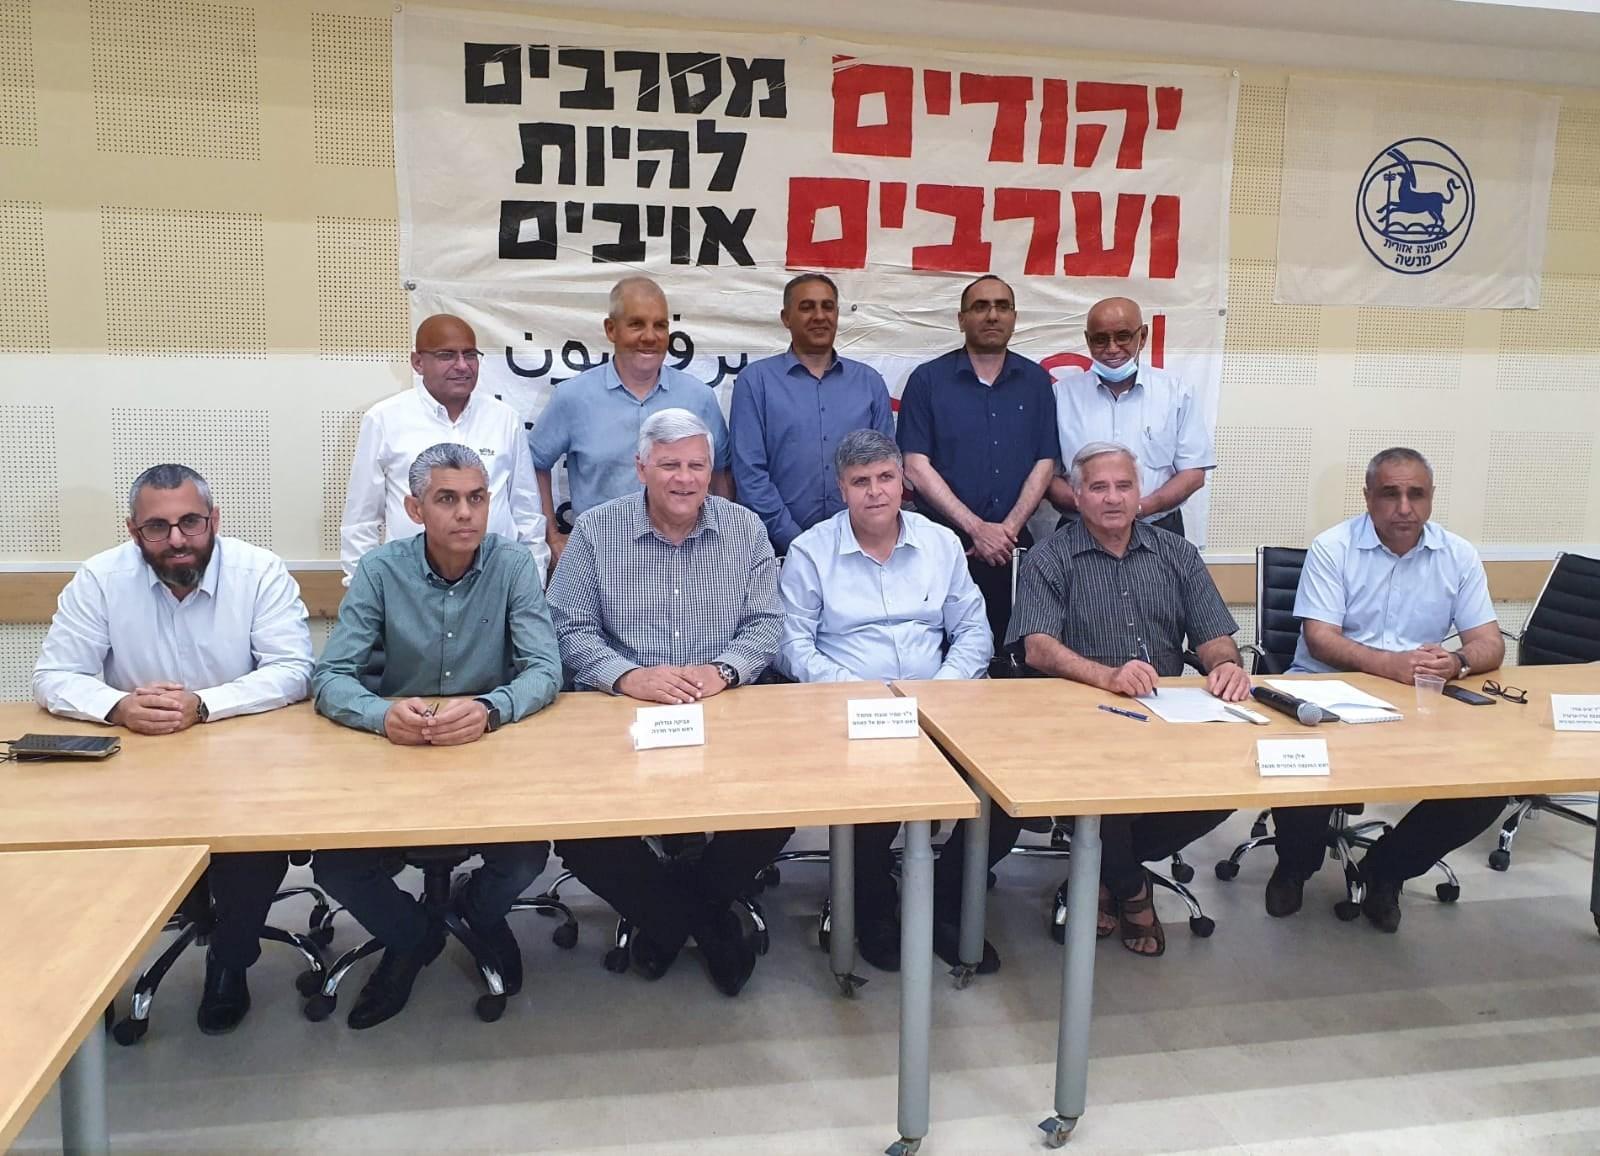 """נמשכות המחאות ברחבי הארץ; חד""""ש קוראת לשותפות יהודית-ערבית נגד הגזענות והאלימות"""